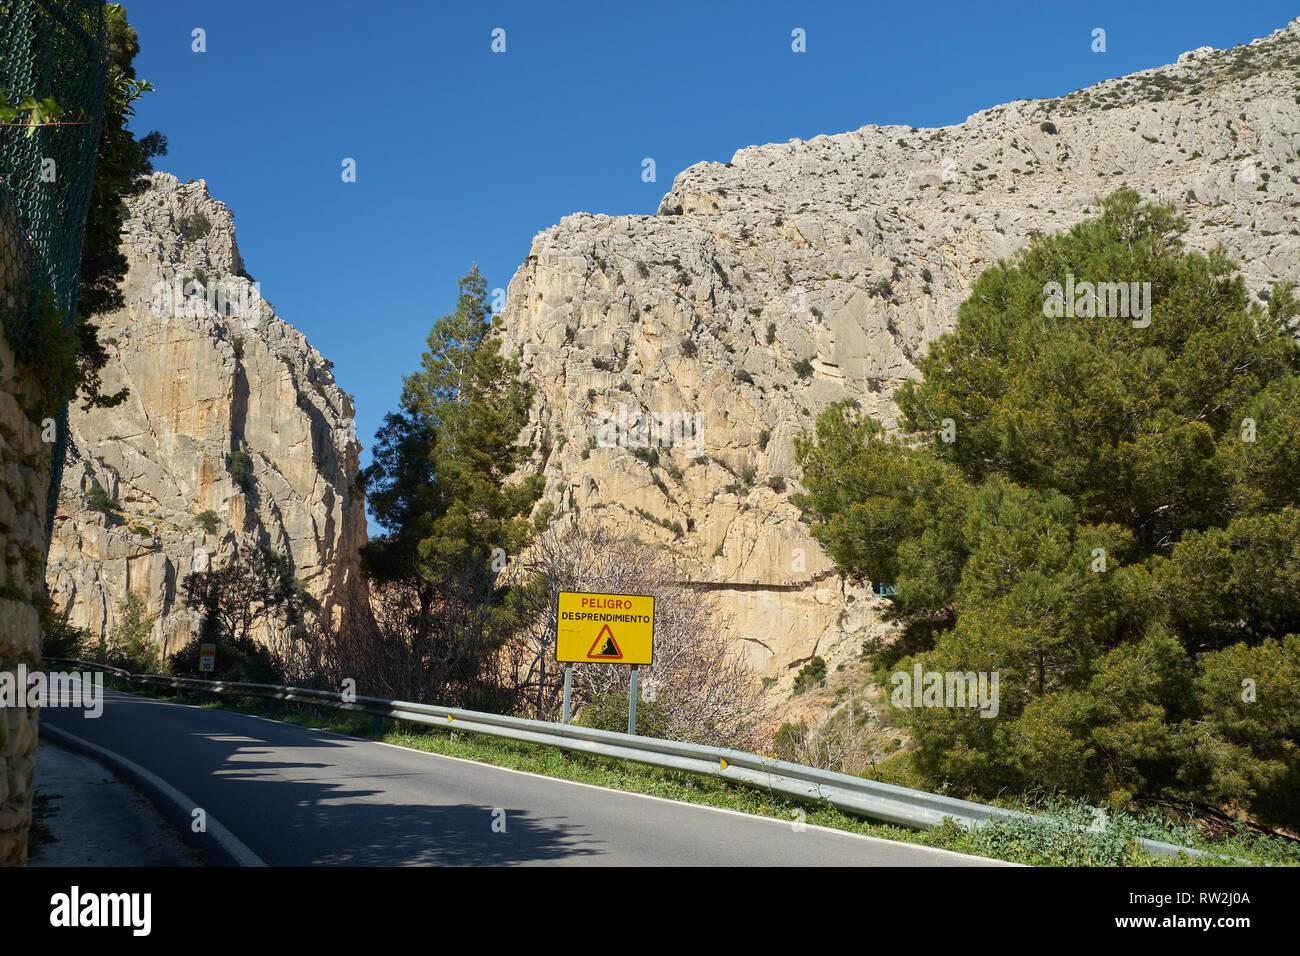 El Chorro. Málaga, Spain. Stock Photo